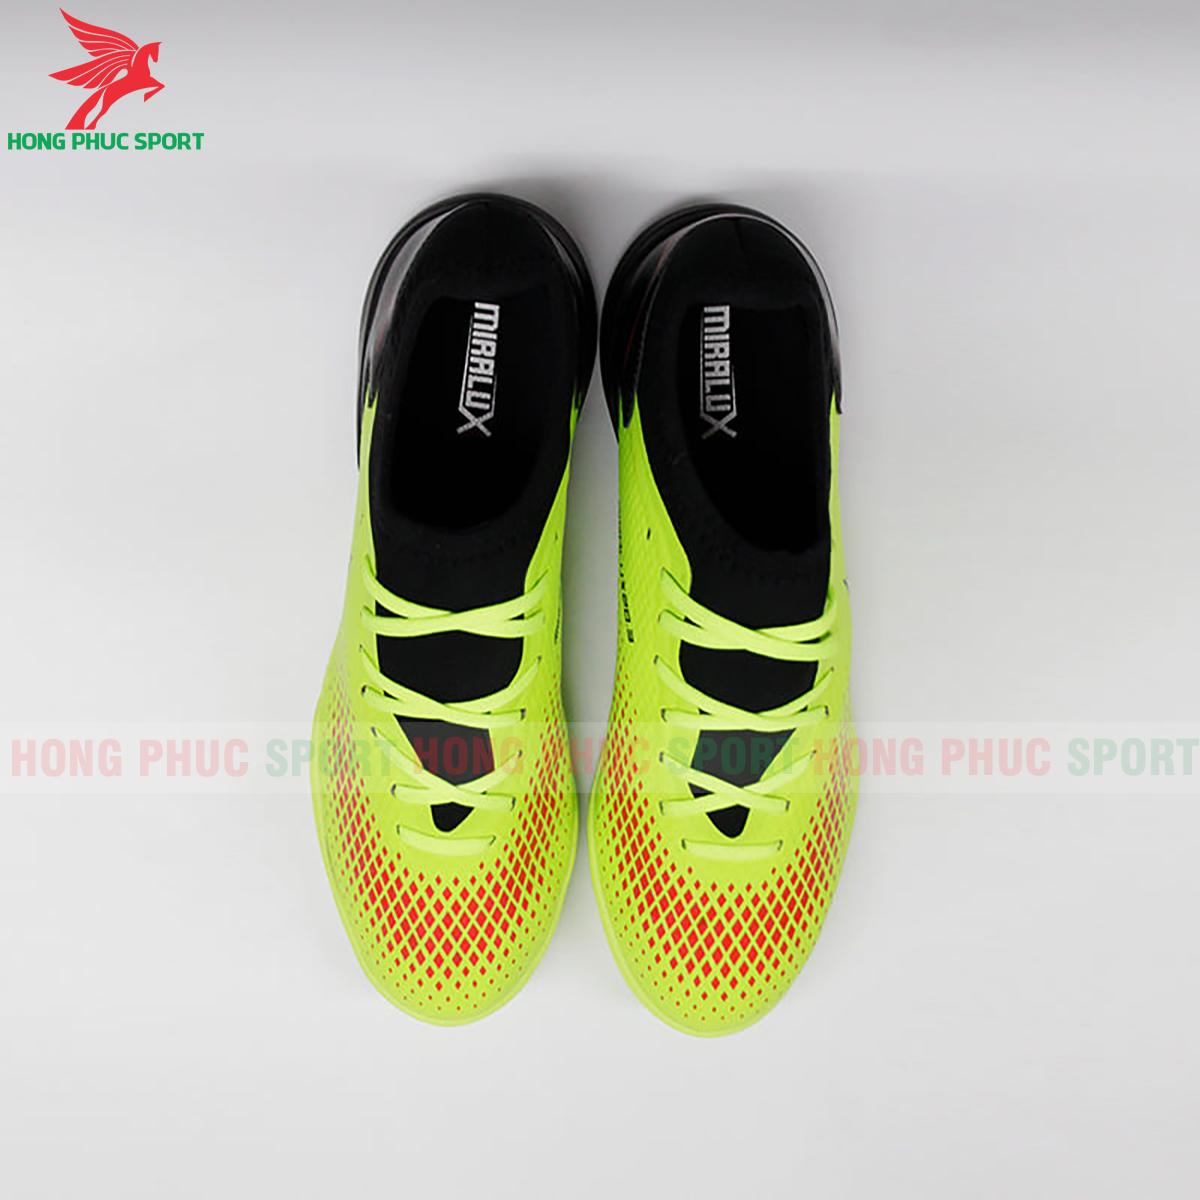 Giày Mira Lux 20.3 sân cỏ nhân tạo xanh chuối phối đen (trước)